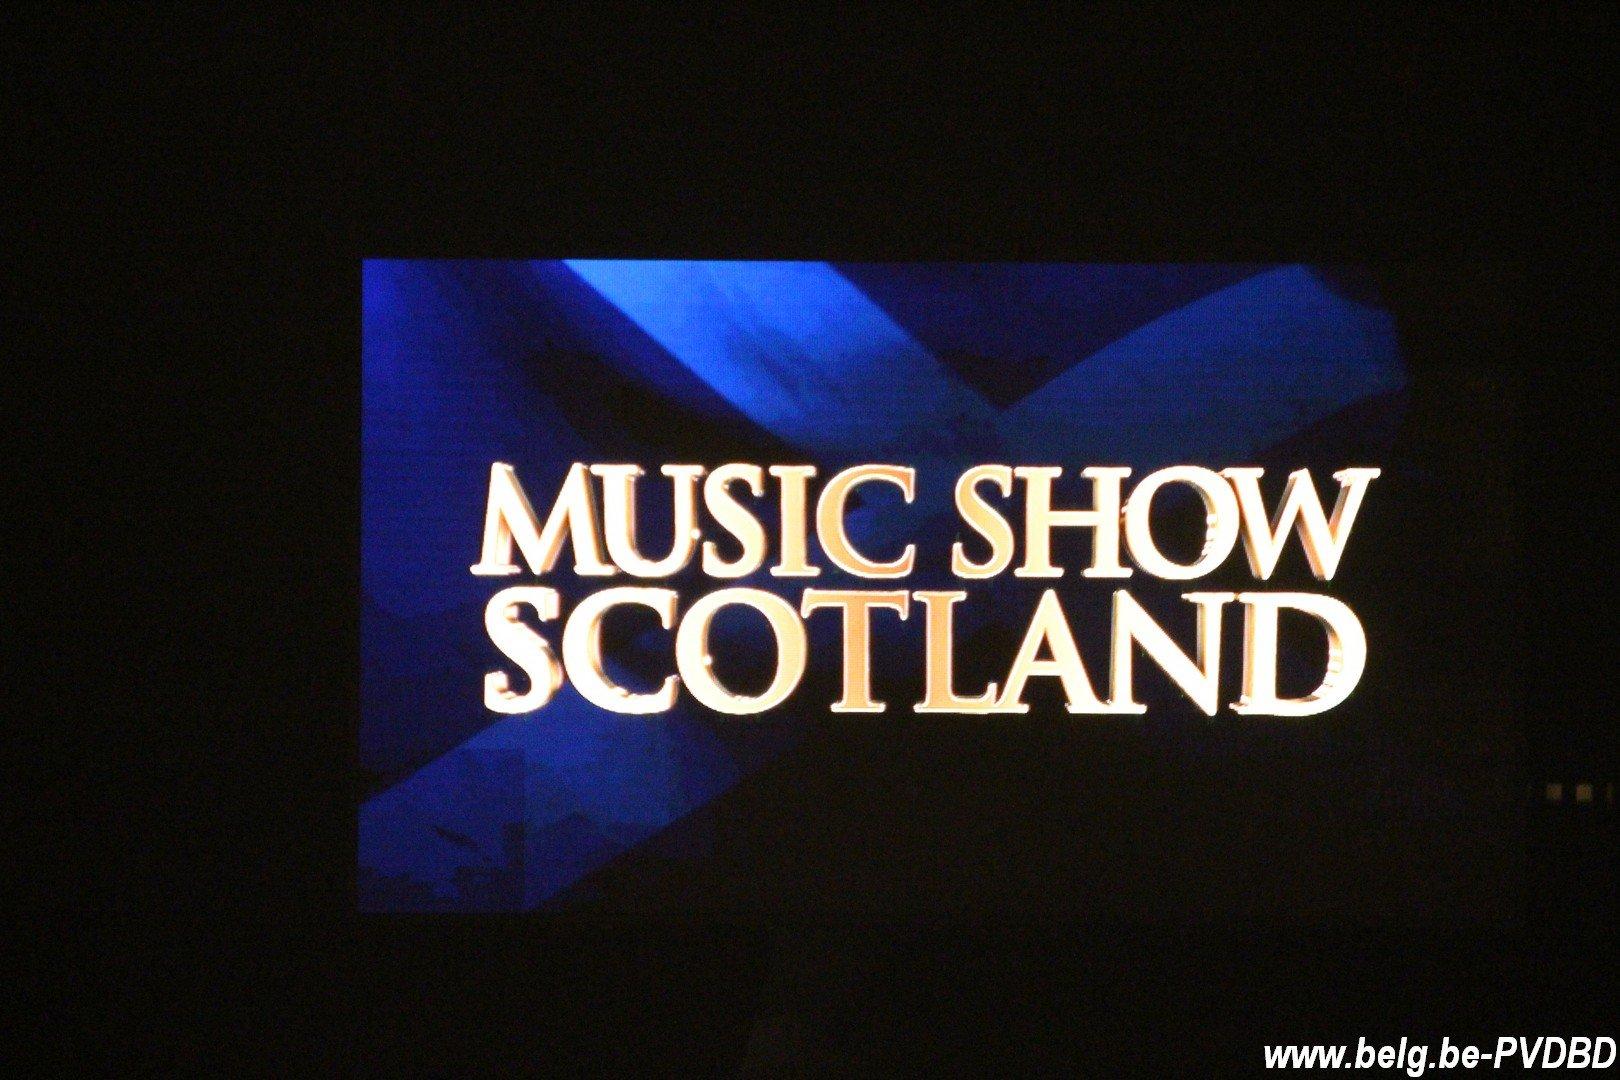 Music Show Scotland voor de vijfde keer in Antwerpen - IMG 2530